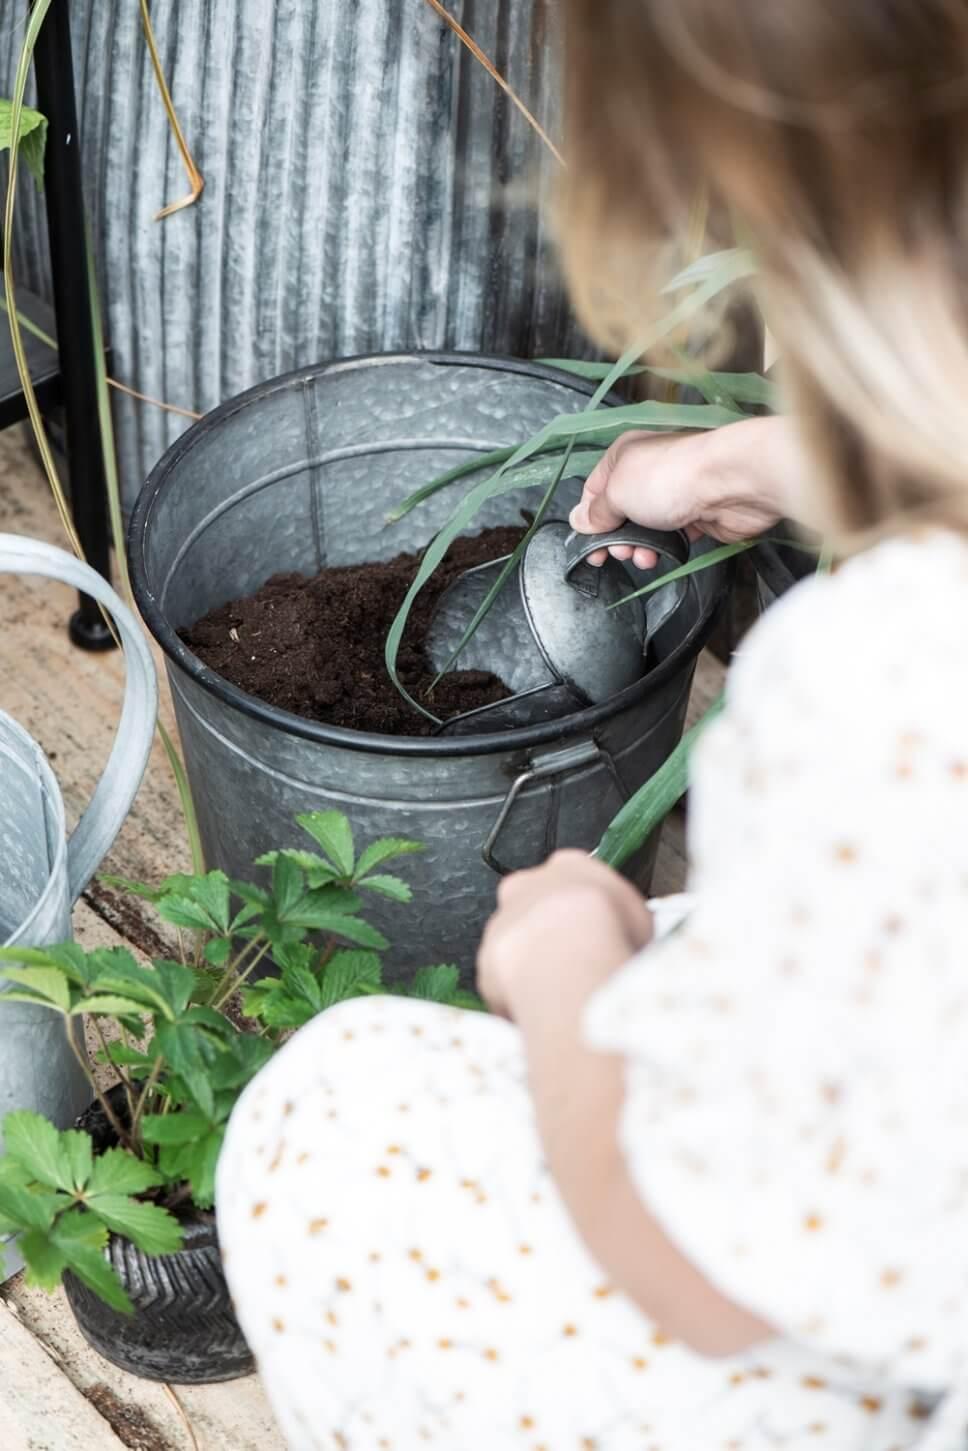 Frau gräbt mit Metallschaufel in einem Blumentopf aus Metall